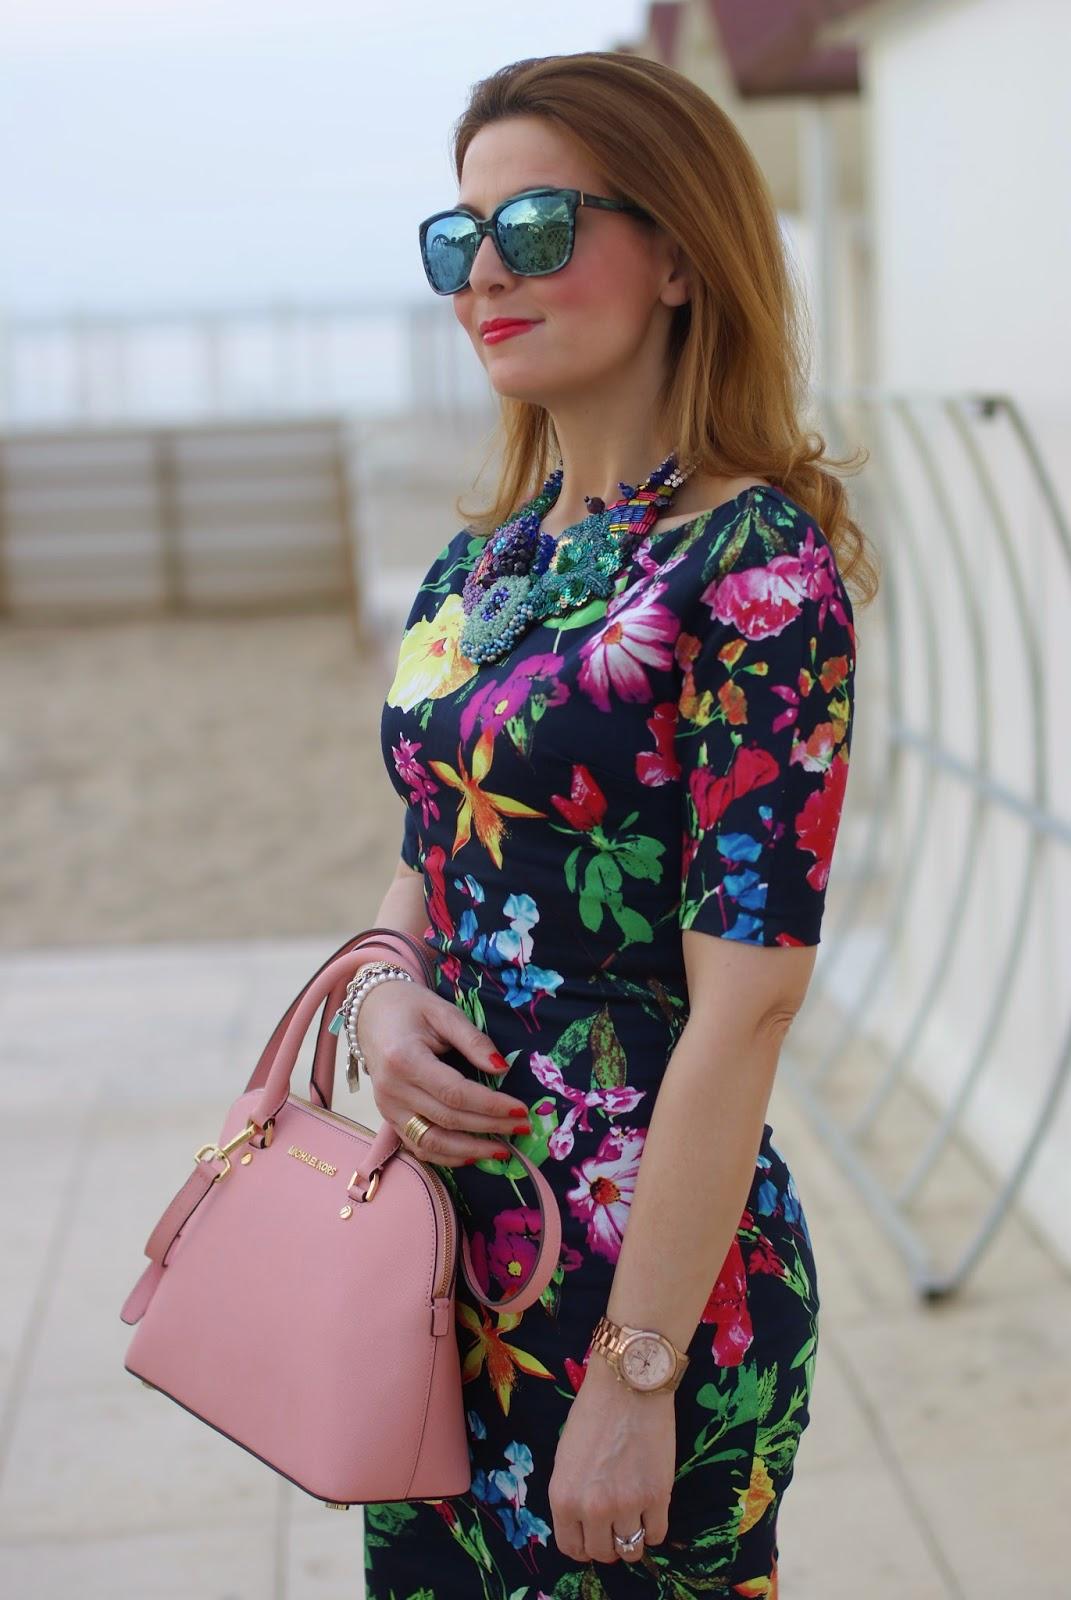 Le ragazze 60s CREMOSO Chiffon Bianco Stampa Floreale Farfalla Collana Trim PARTY Dresss